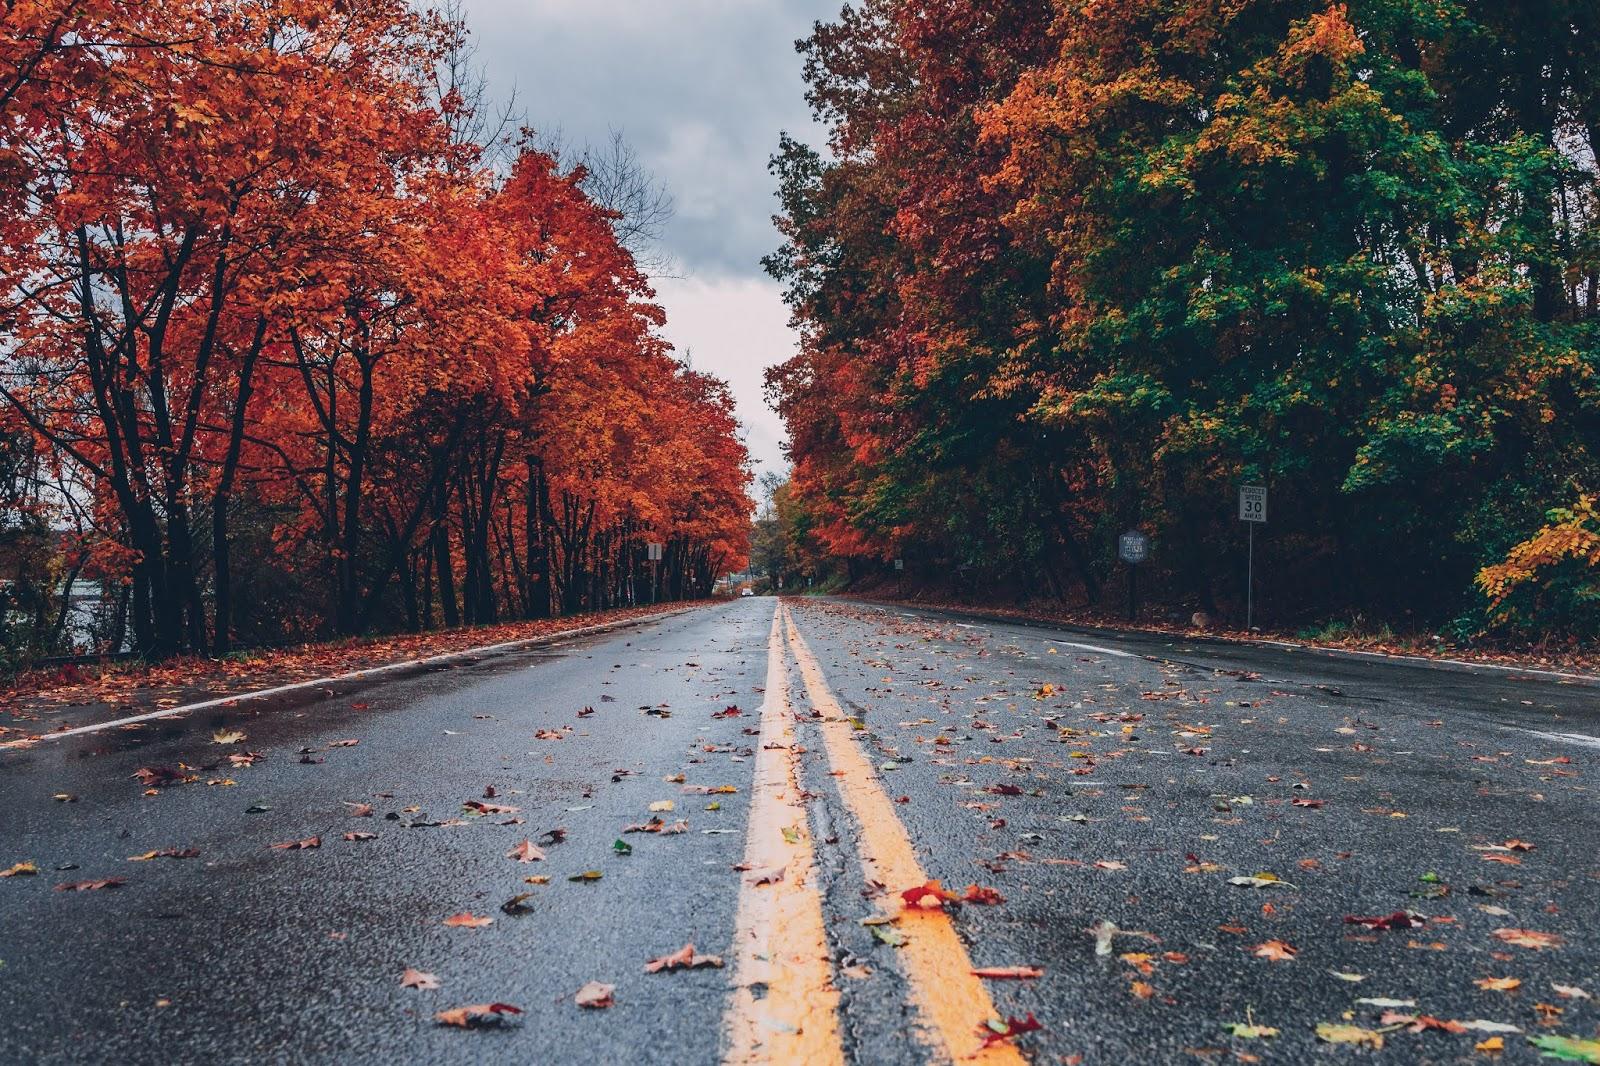 Musim gugur di jepang